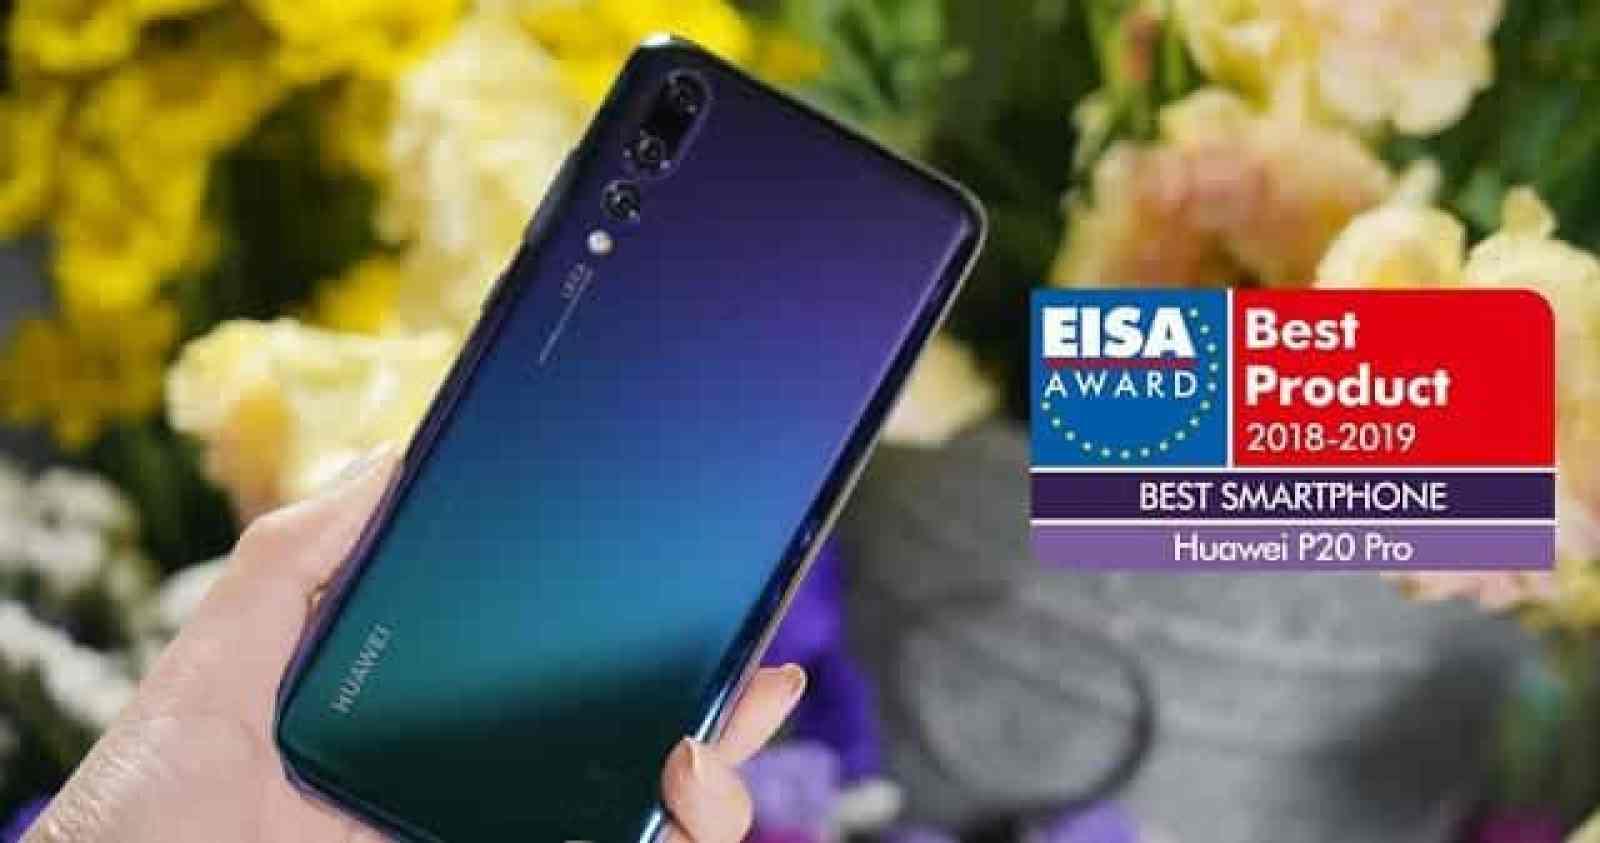 """- HUAWEI P20 Pro 2 2 - HUAWEI P20 Pro คว้ารางวัล """"สมาร์ทโฟนที่ดีที่สุดแห่งปี"""" จาก EISA Awards 2018-2019"""